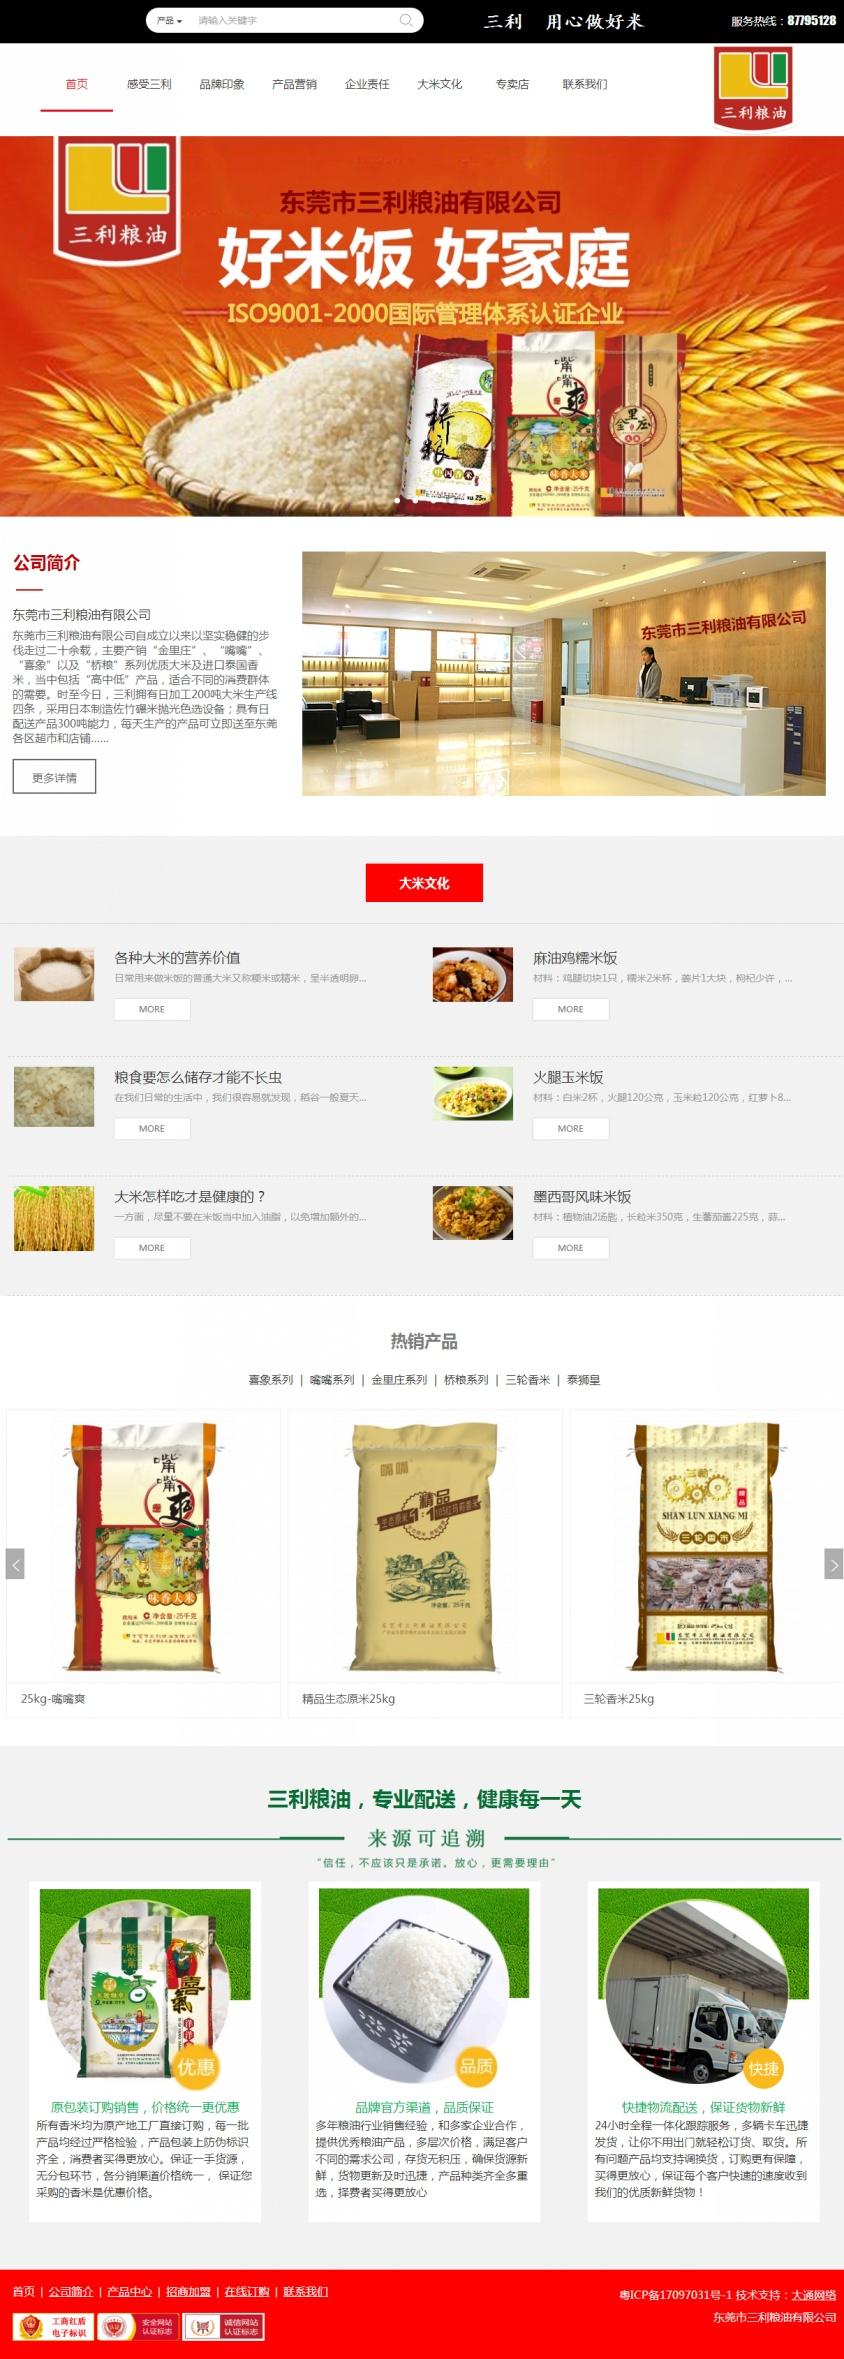 粮油/大米/食品网站建设案例